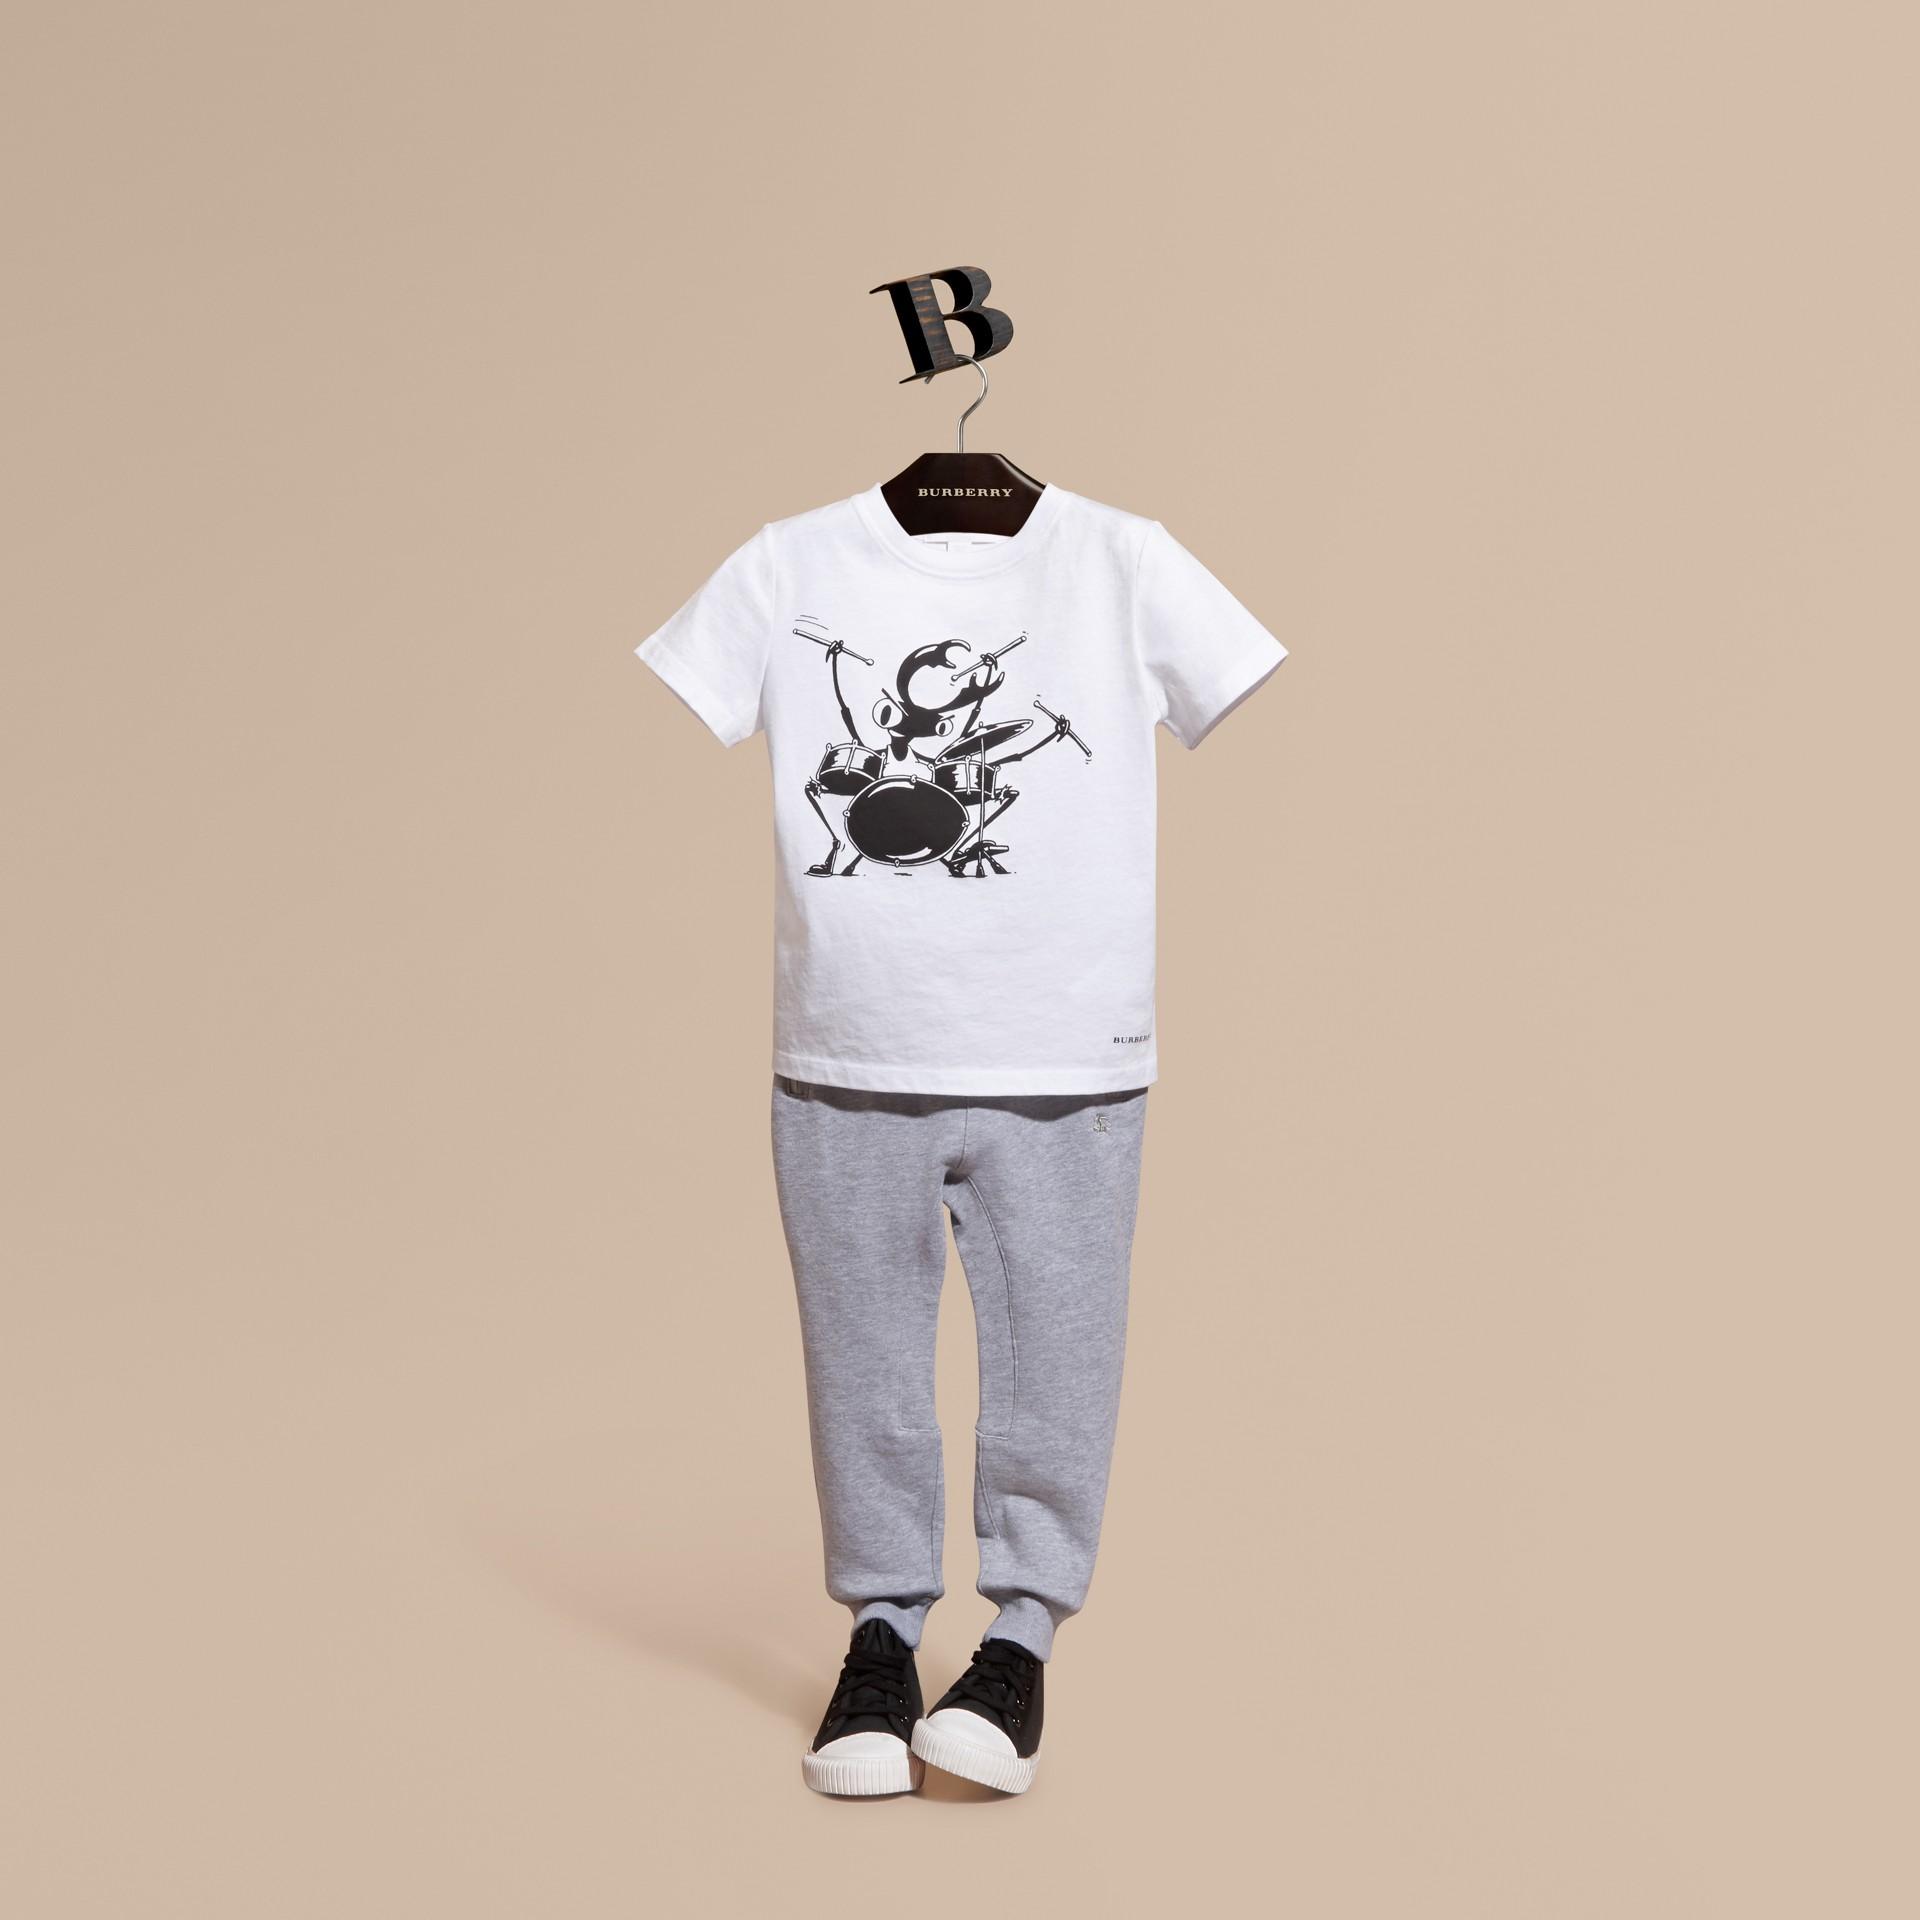 Grigio medio mélange Pantaloni tuta in cotone Grigio Medio Mélange - immagine della galleria 1